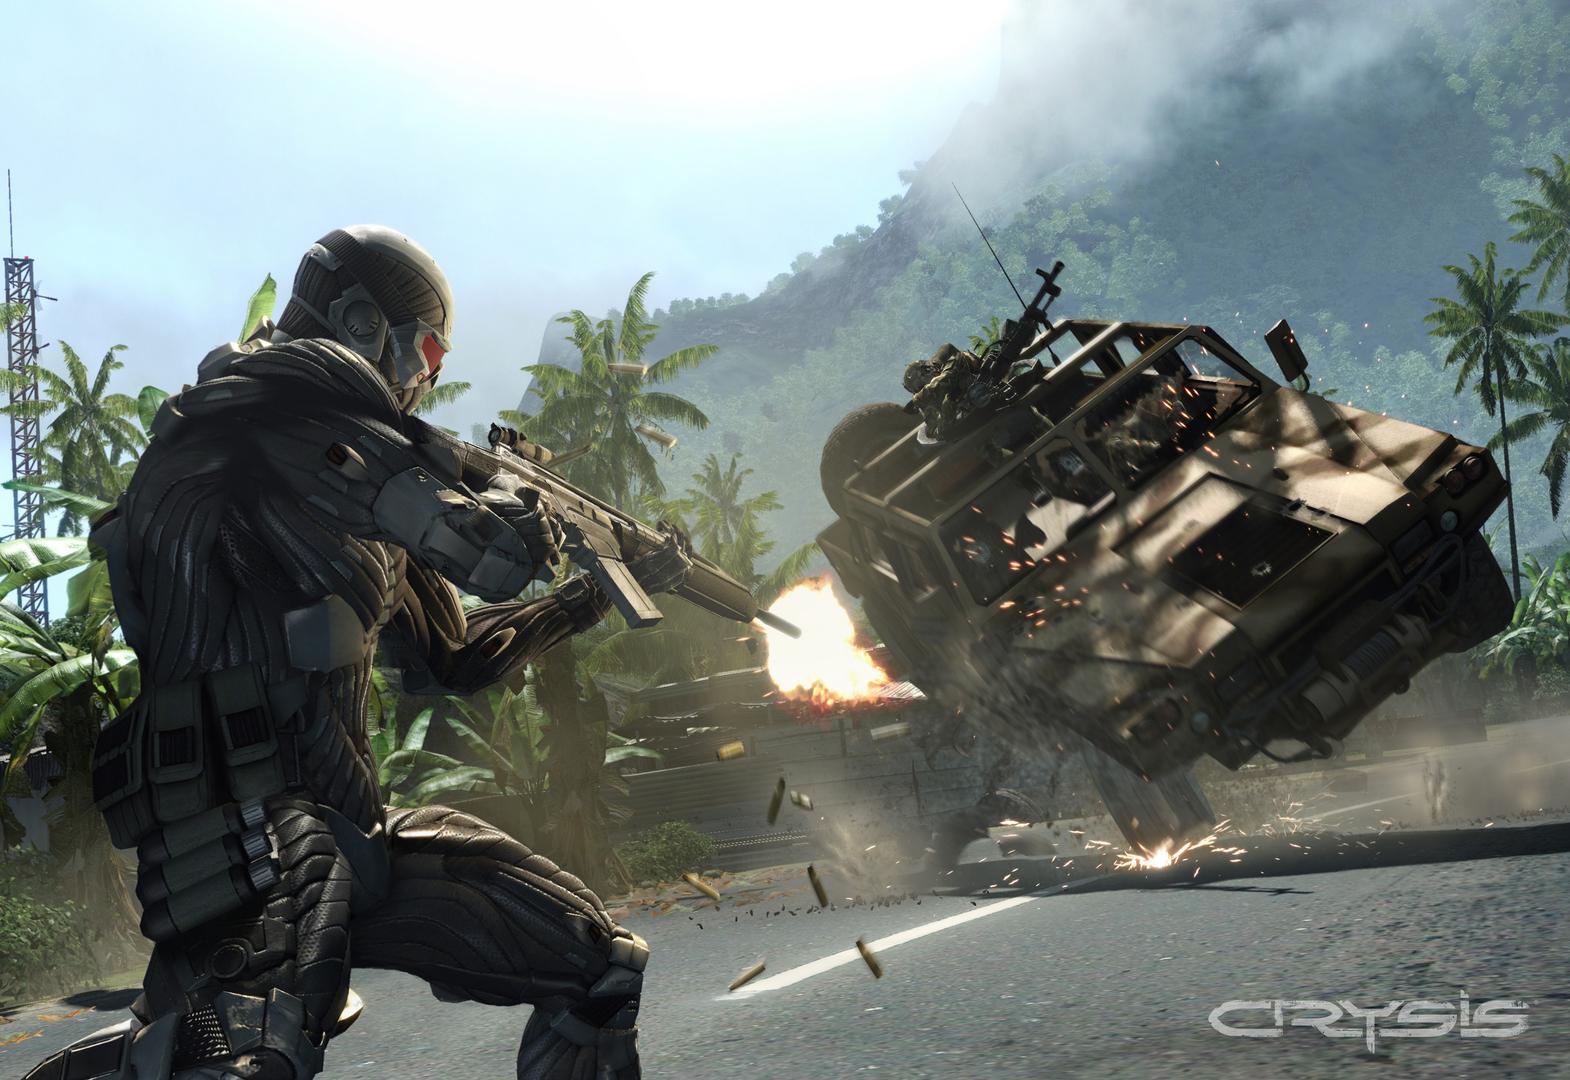 Crysis PC Full ESPAÑOL REPACK 2 DVD5 (JPW) 1